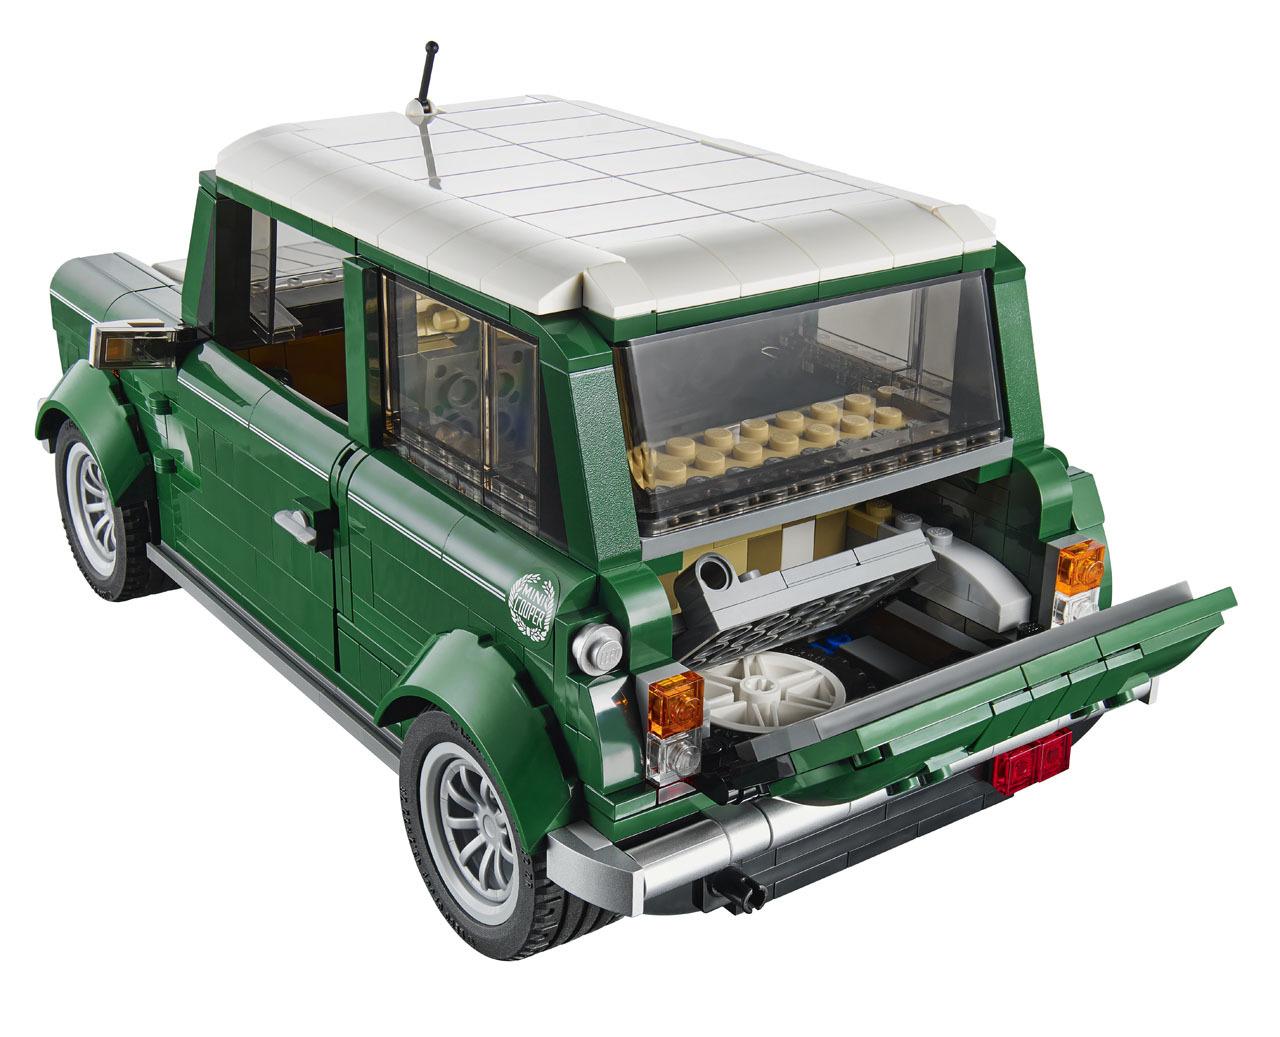 lego-mini-cooper-011-1